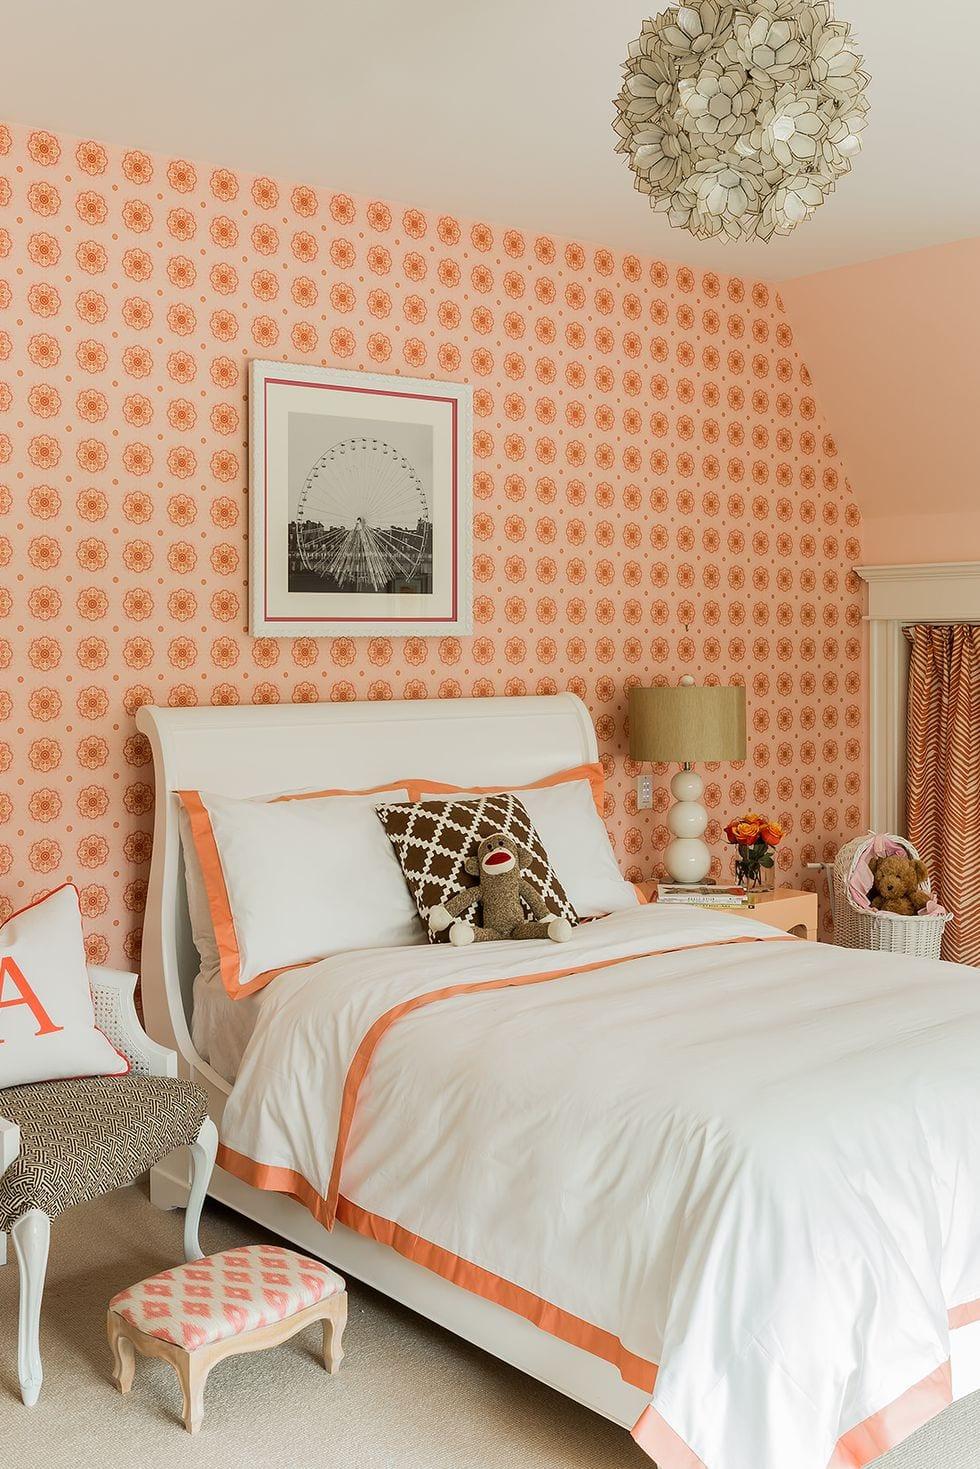 Bedroom ideas for women in 2019